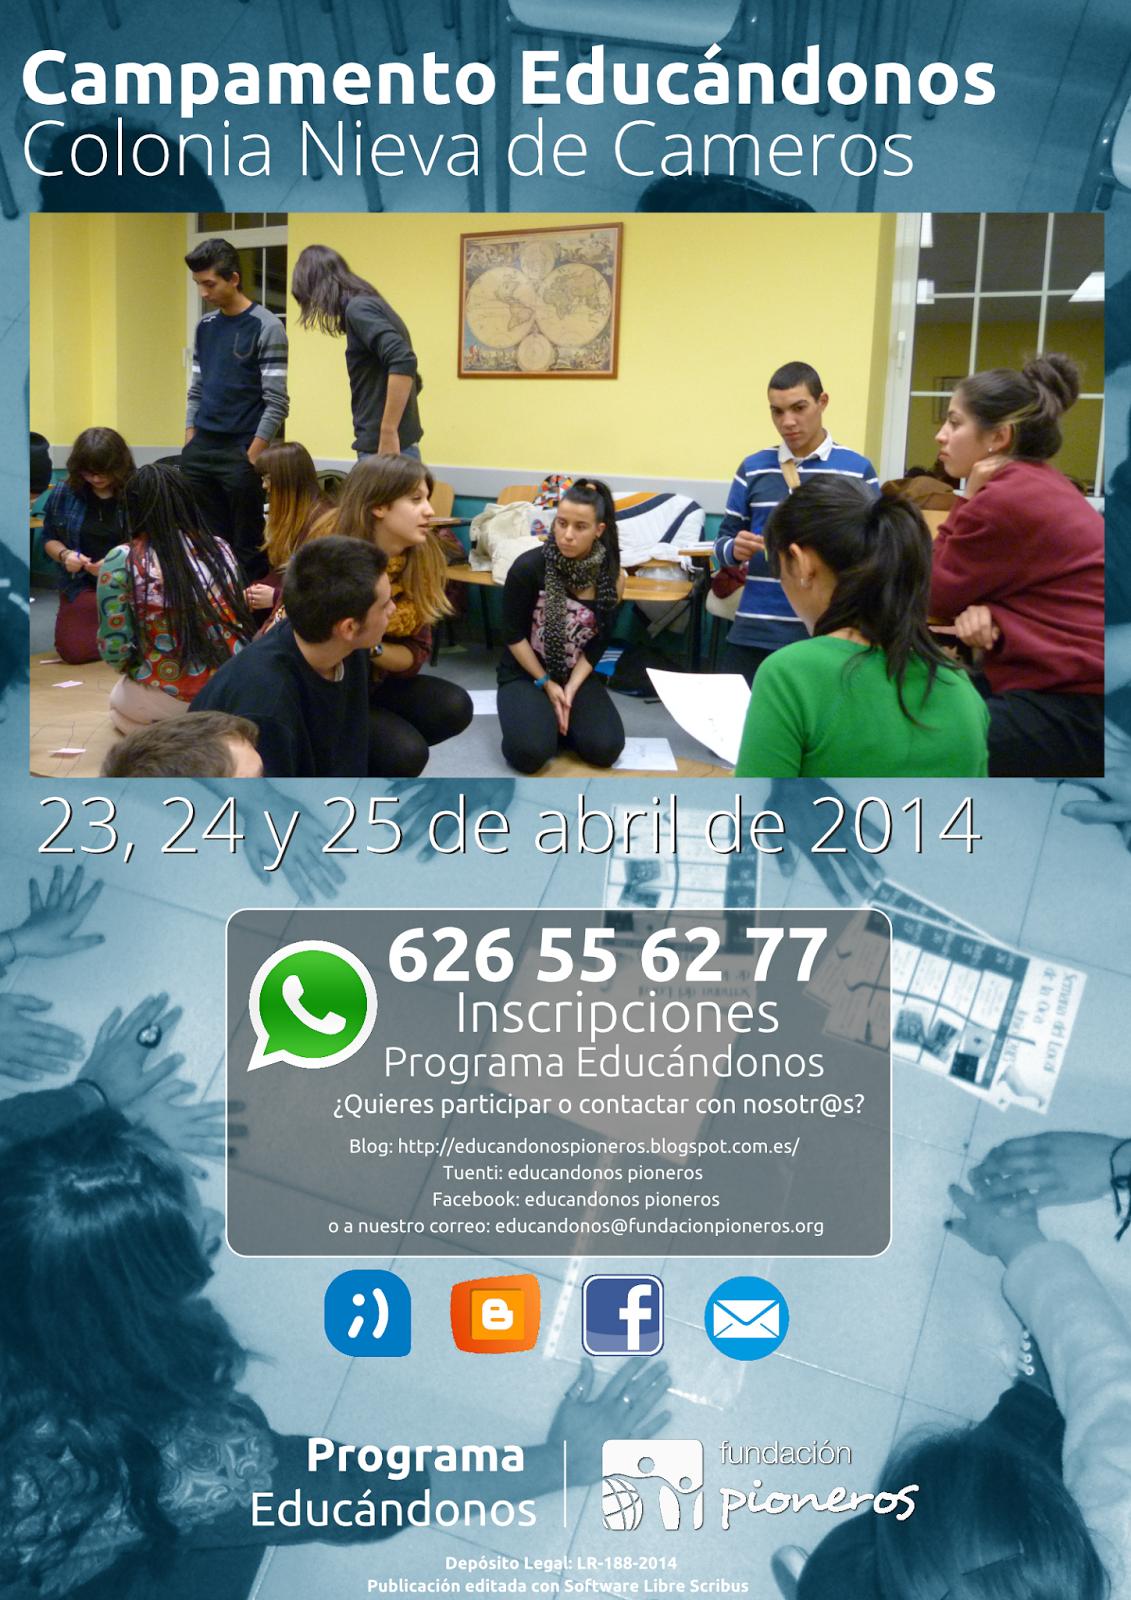 Campamento-educandonos-Nieva-de-Cameros-2014